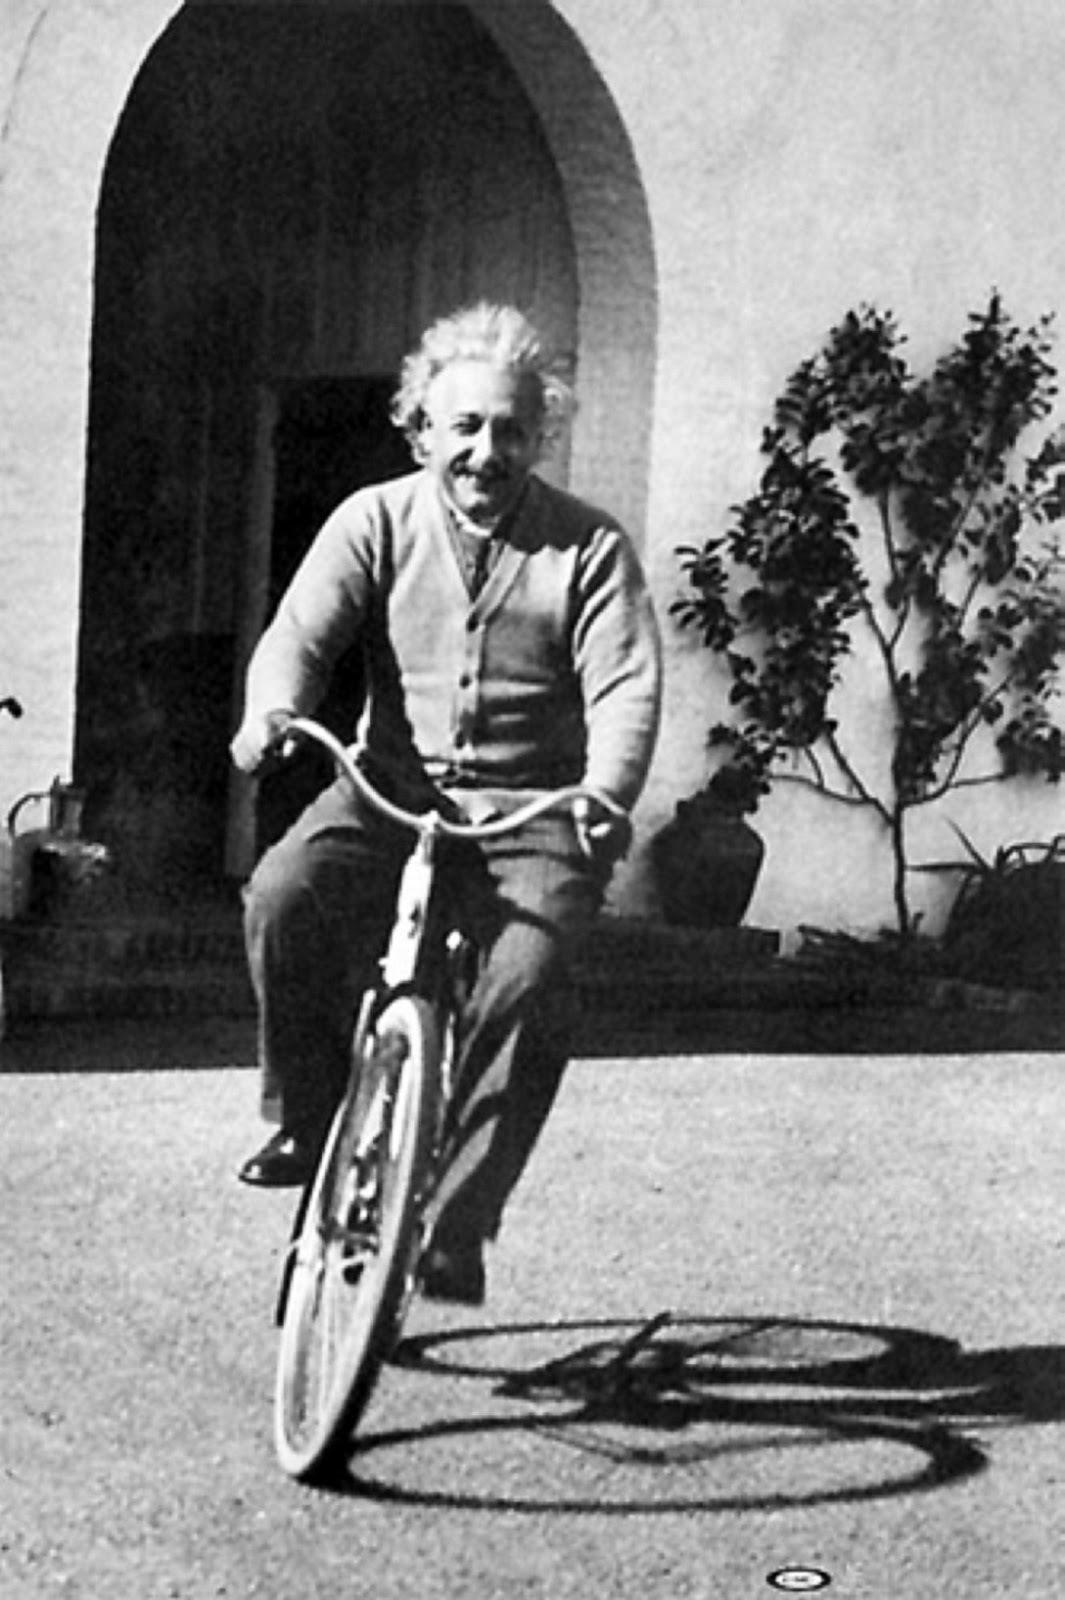 albert-einstein-riding-bicycle-1933